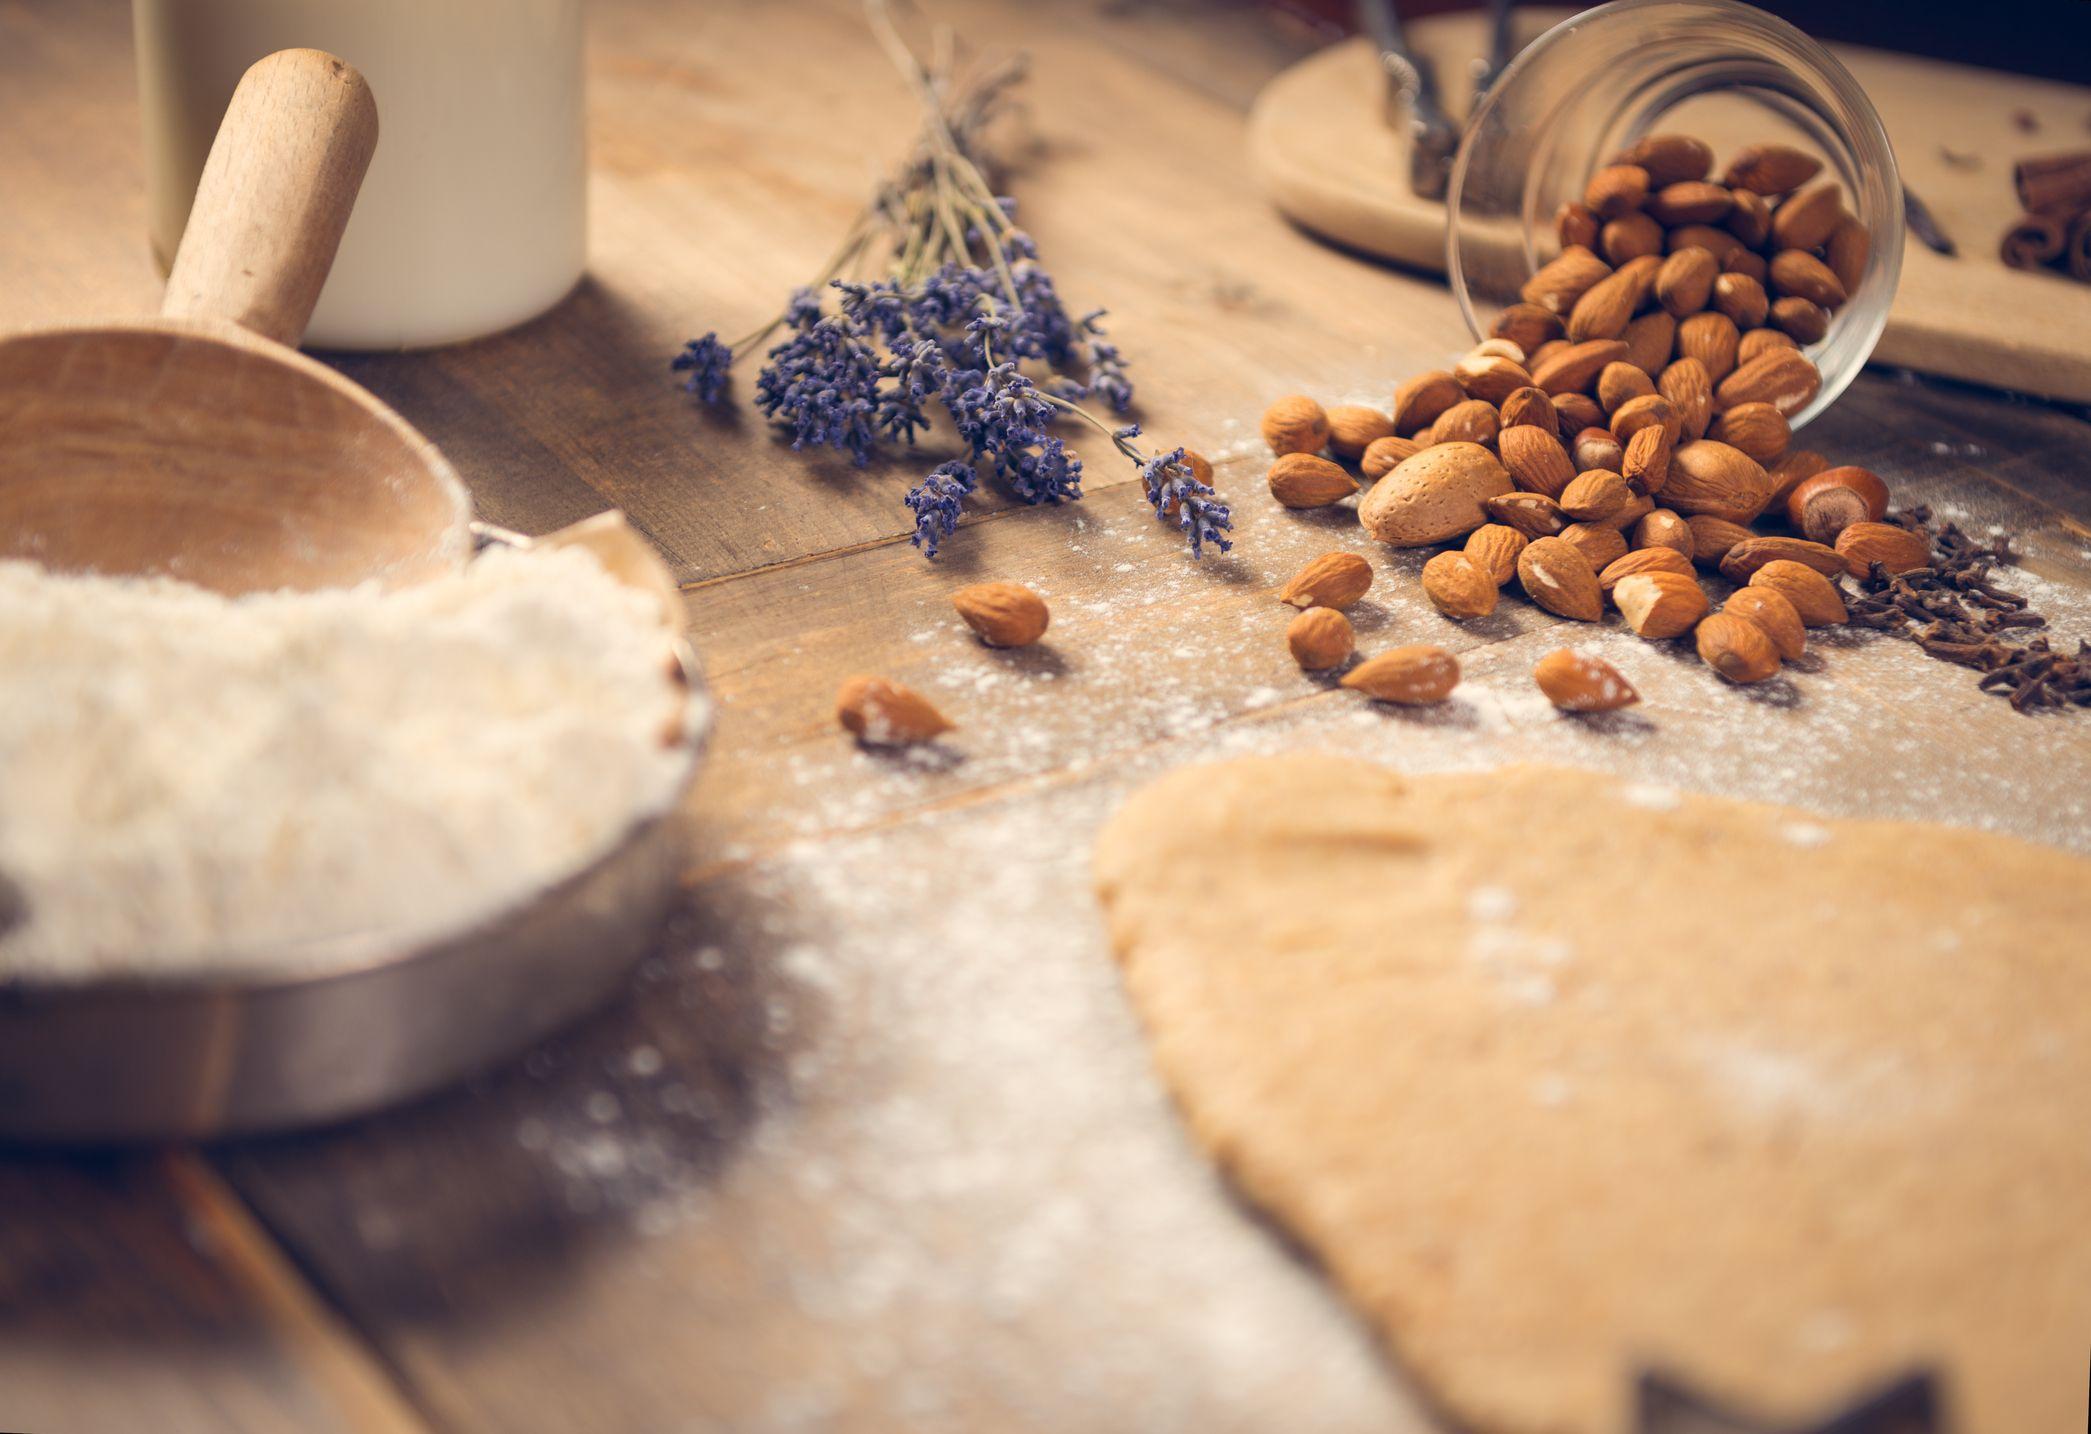 Puedes preparar harina de almendras casera y utilizarla como sustituto a cualquier harina blanca en tus recetas, sobre todo, de postres.